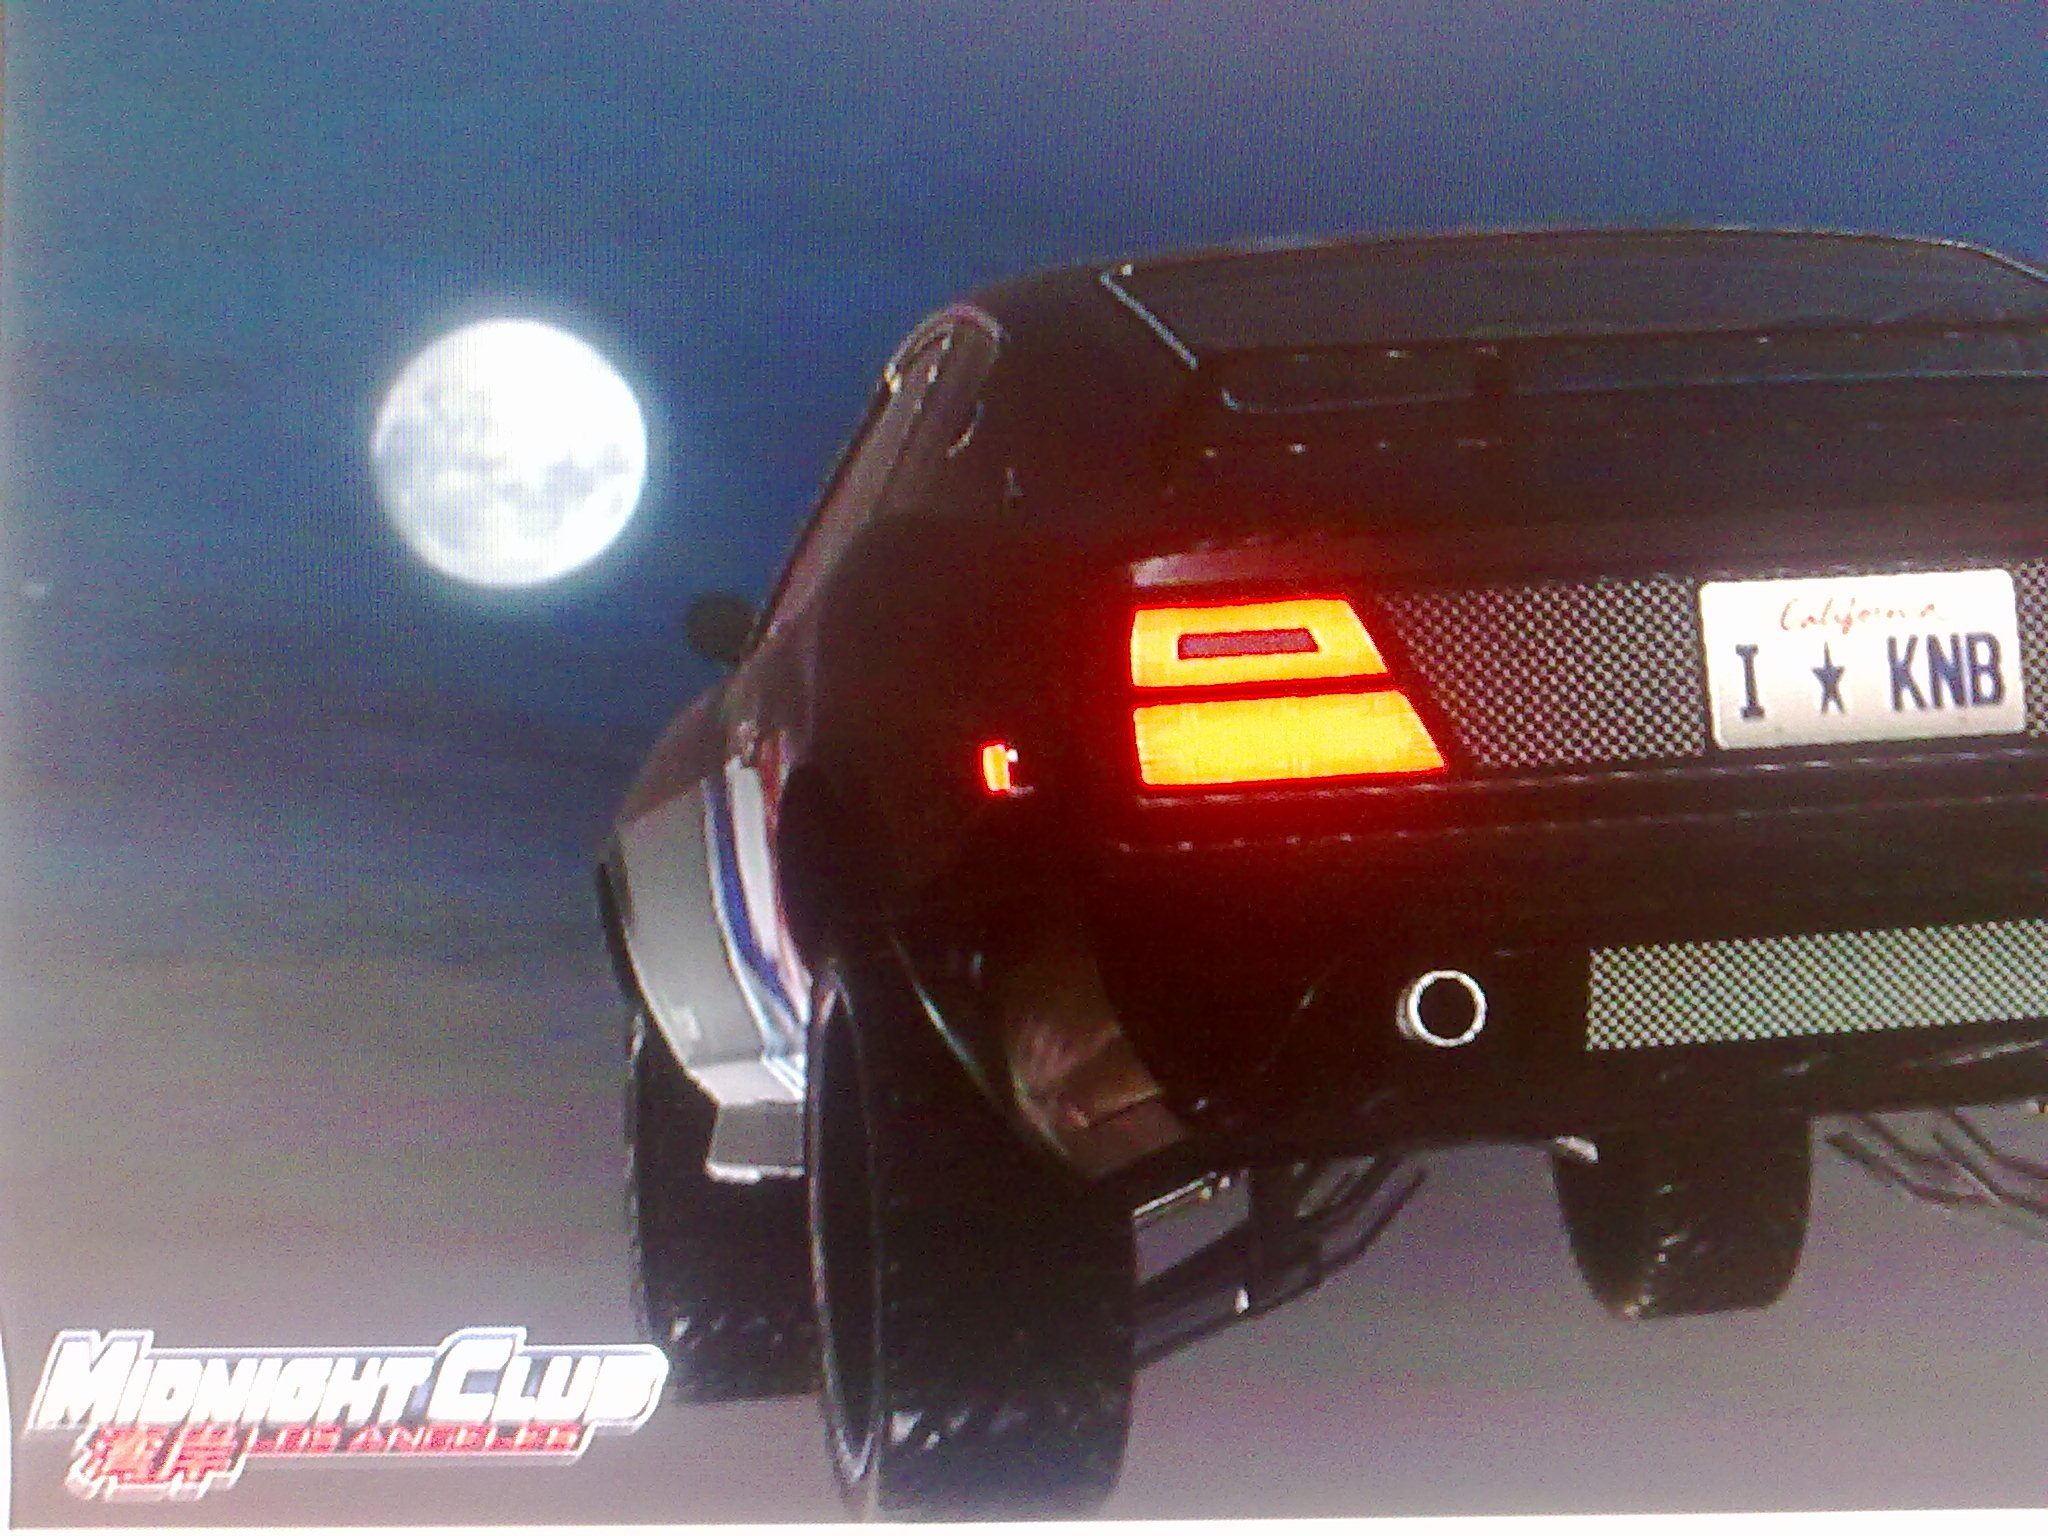 Я очень люблю быстрые машины, красивый тюнинг и КаНоБу :)   Немного   (~3 часа) поигравшись с редактором в Midnight  ... - Изображение 1